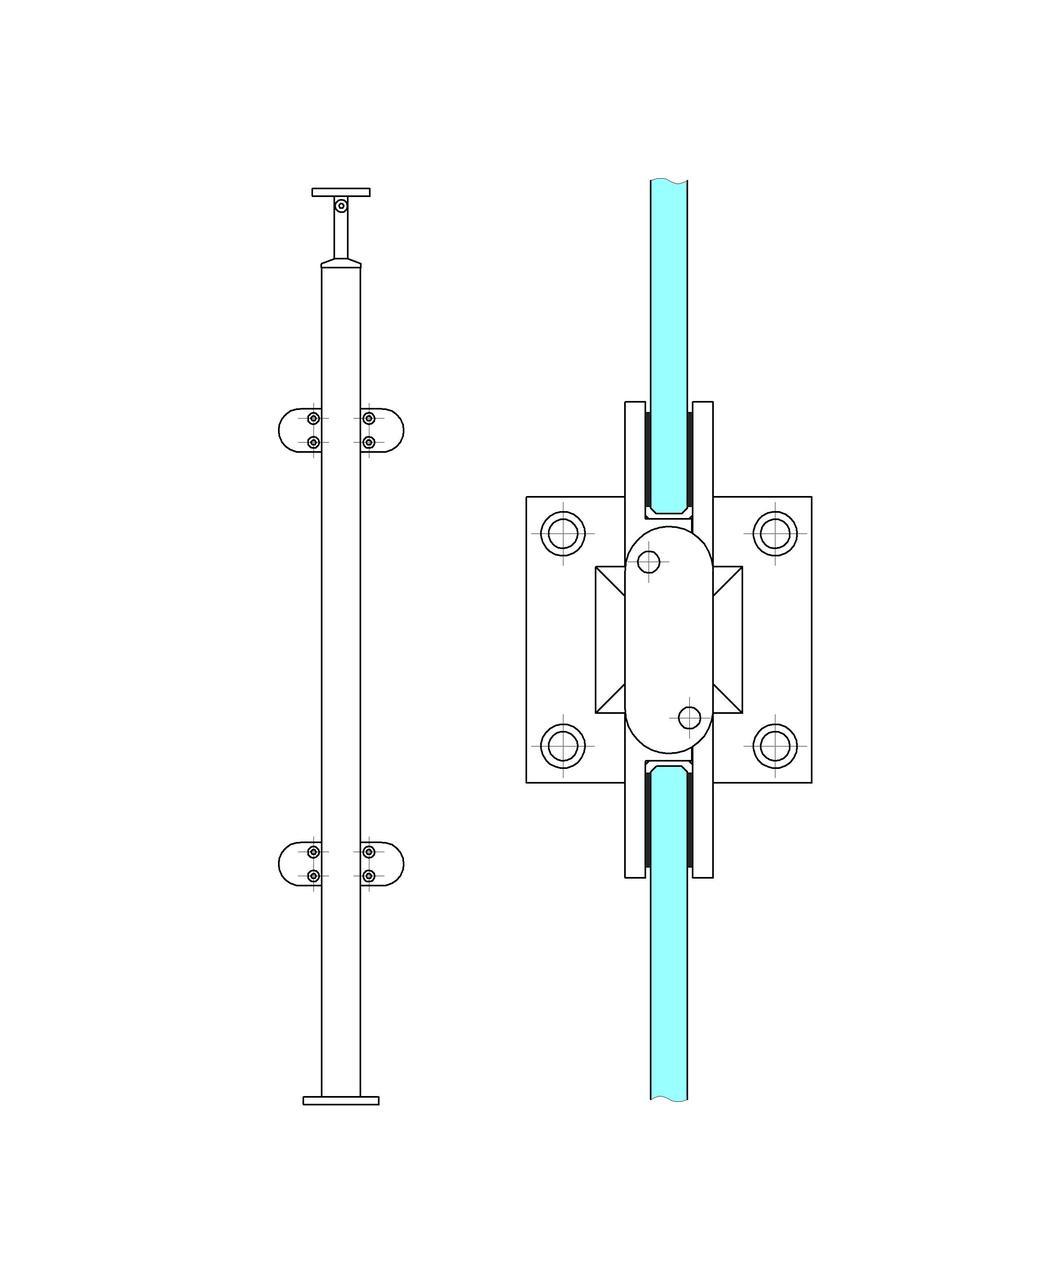 ODF-19-01-01-H1060 Средняя стойка ограждения под стеклянное наполнение и круглый поручень диаметром 42,4 мм